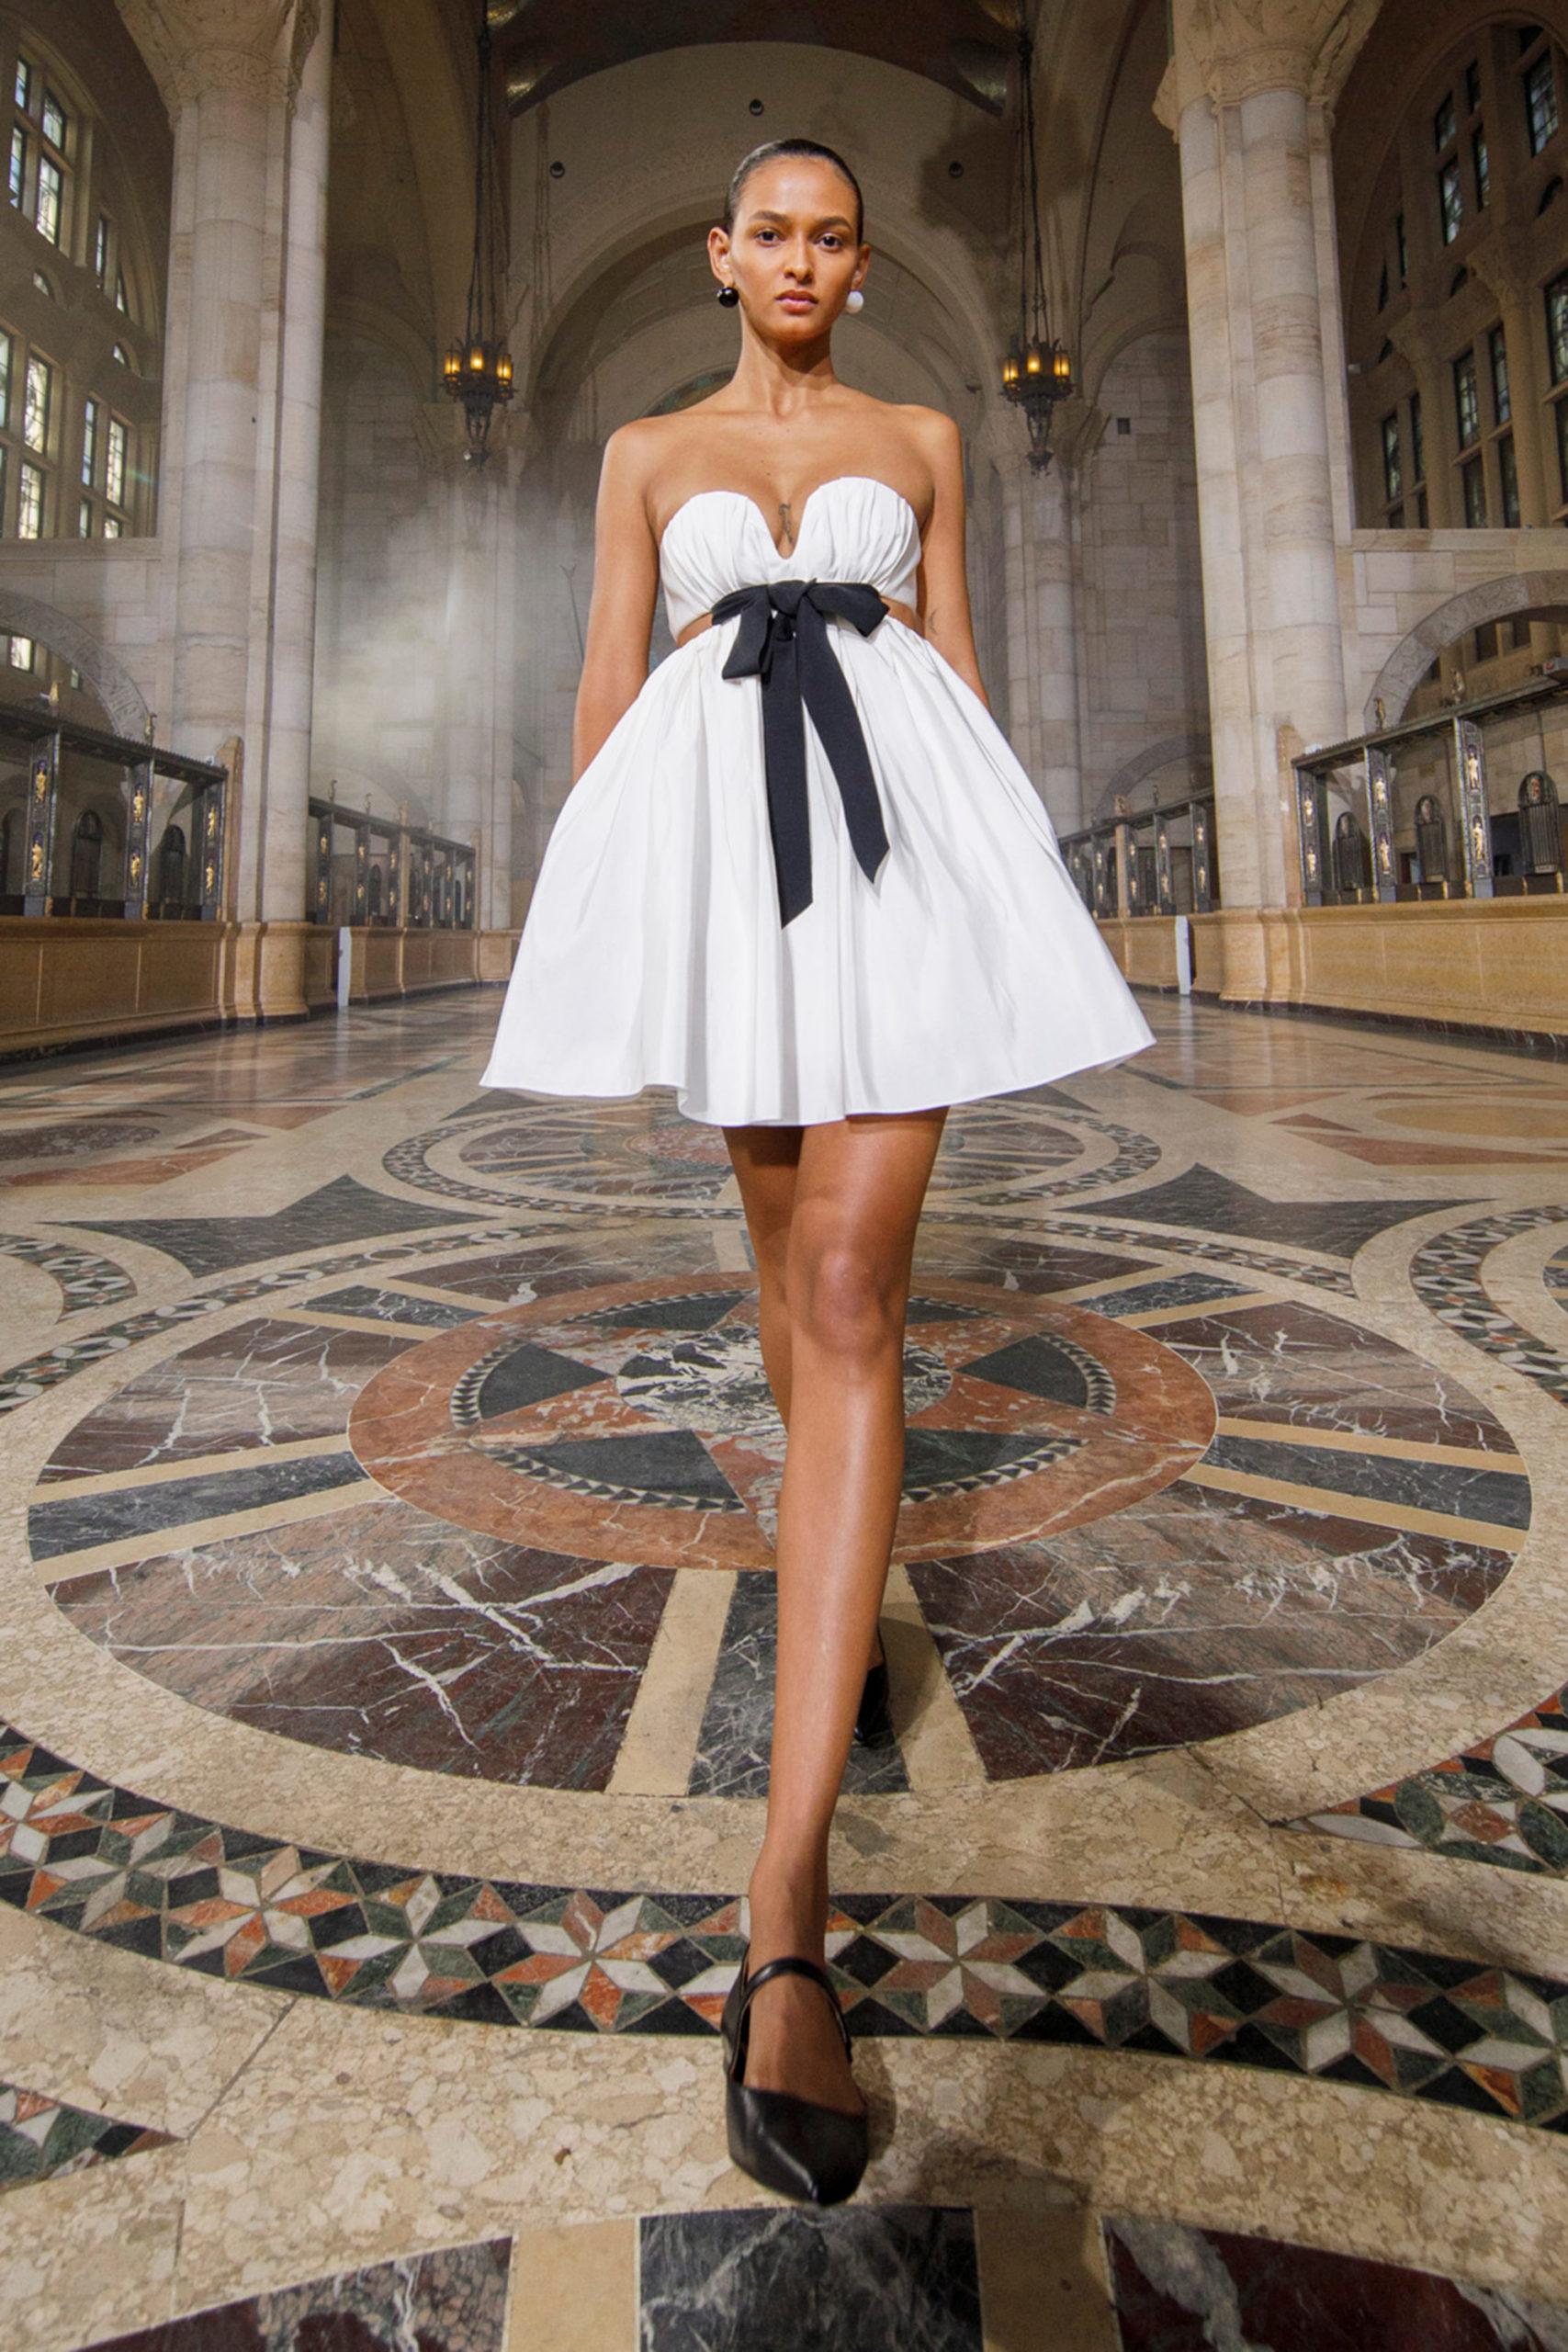 Платье с расклешённой статичной юбкой, платье выпускницы от Carolina Herrera модель 2021 года